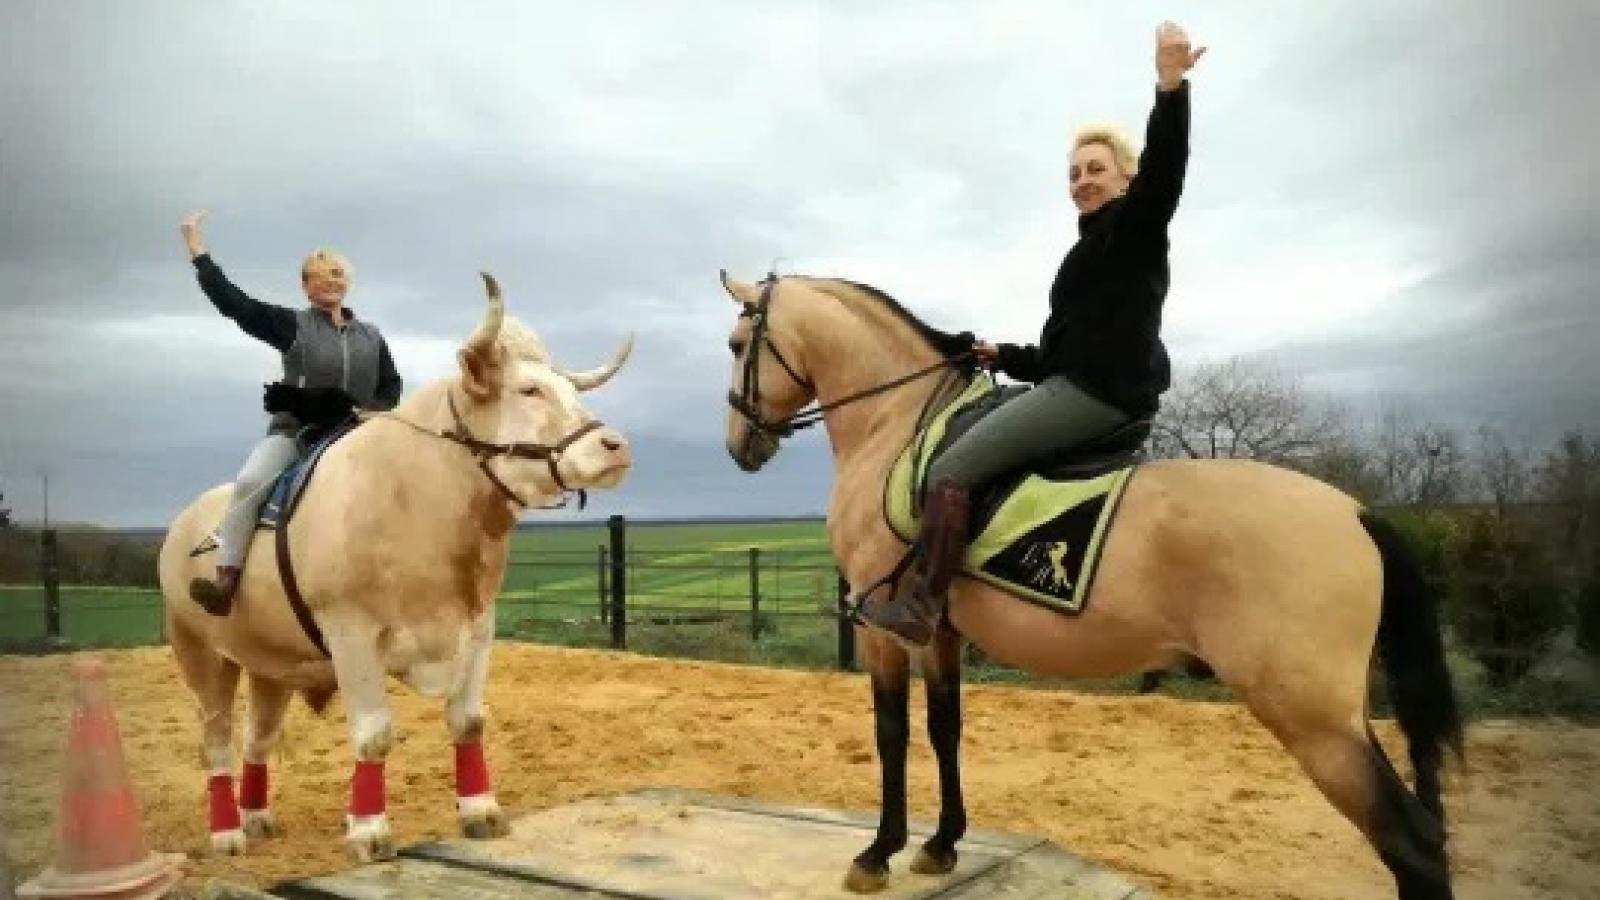 Video: Chú bò thông minh yêu thích làm ngựa, có thể nhảy cao như ngựa